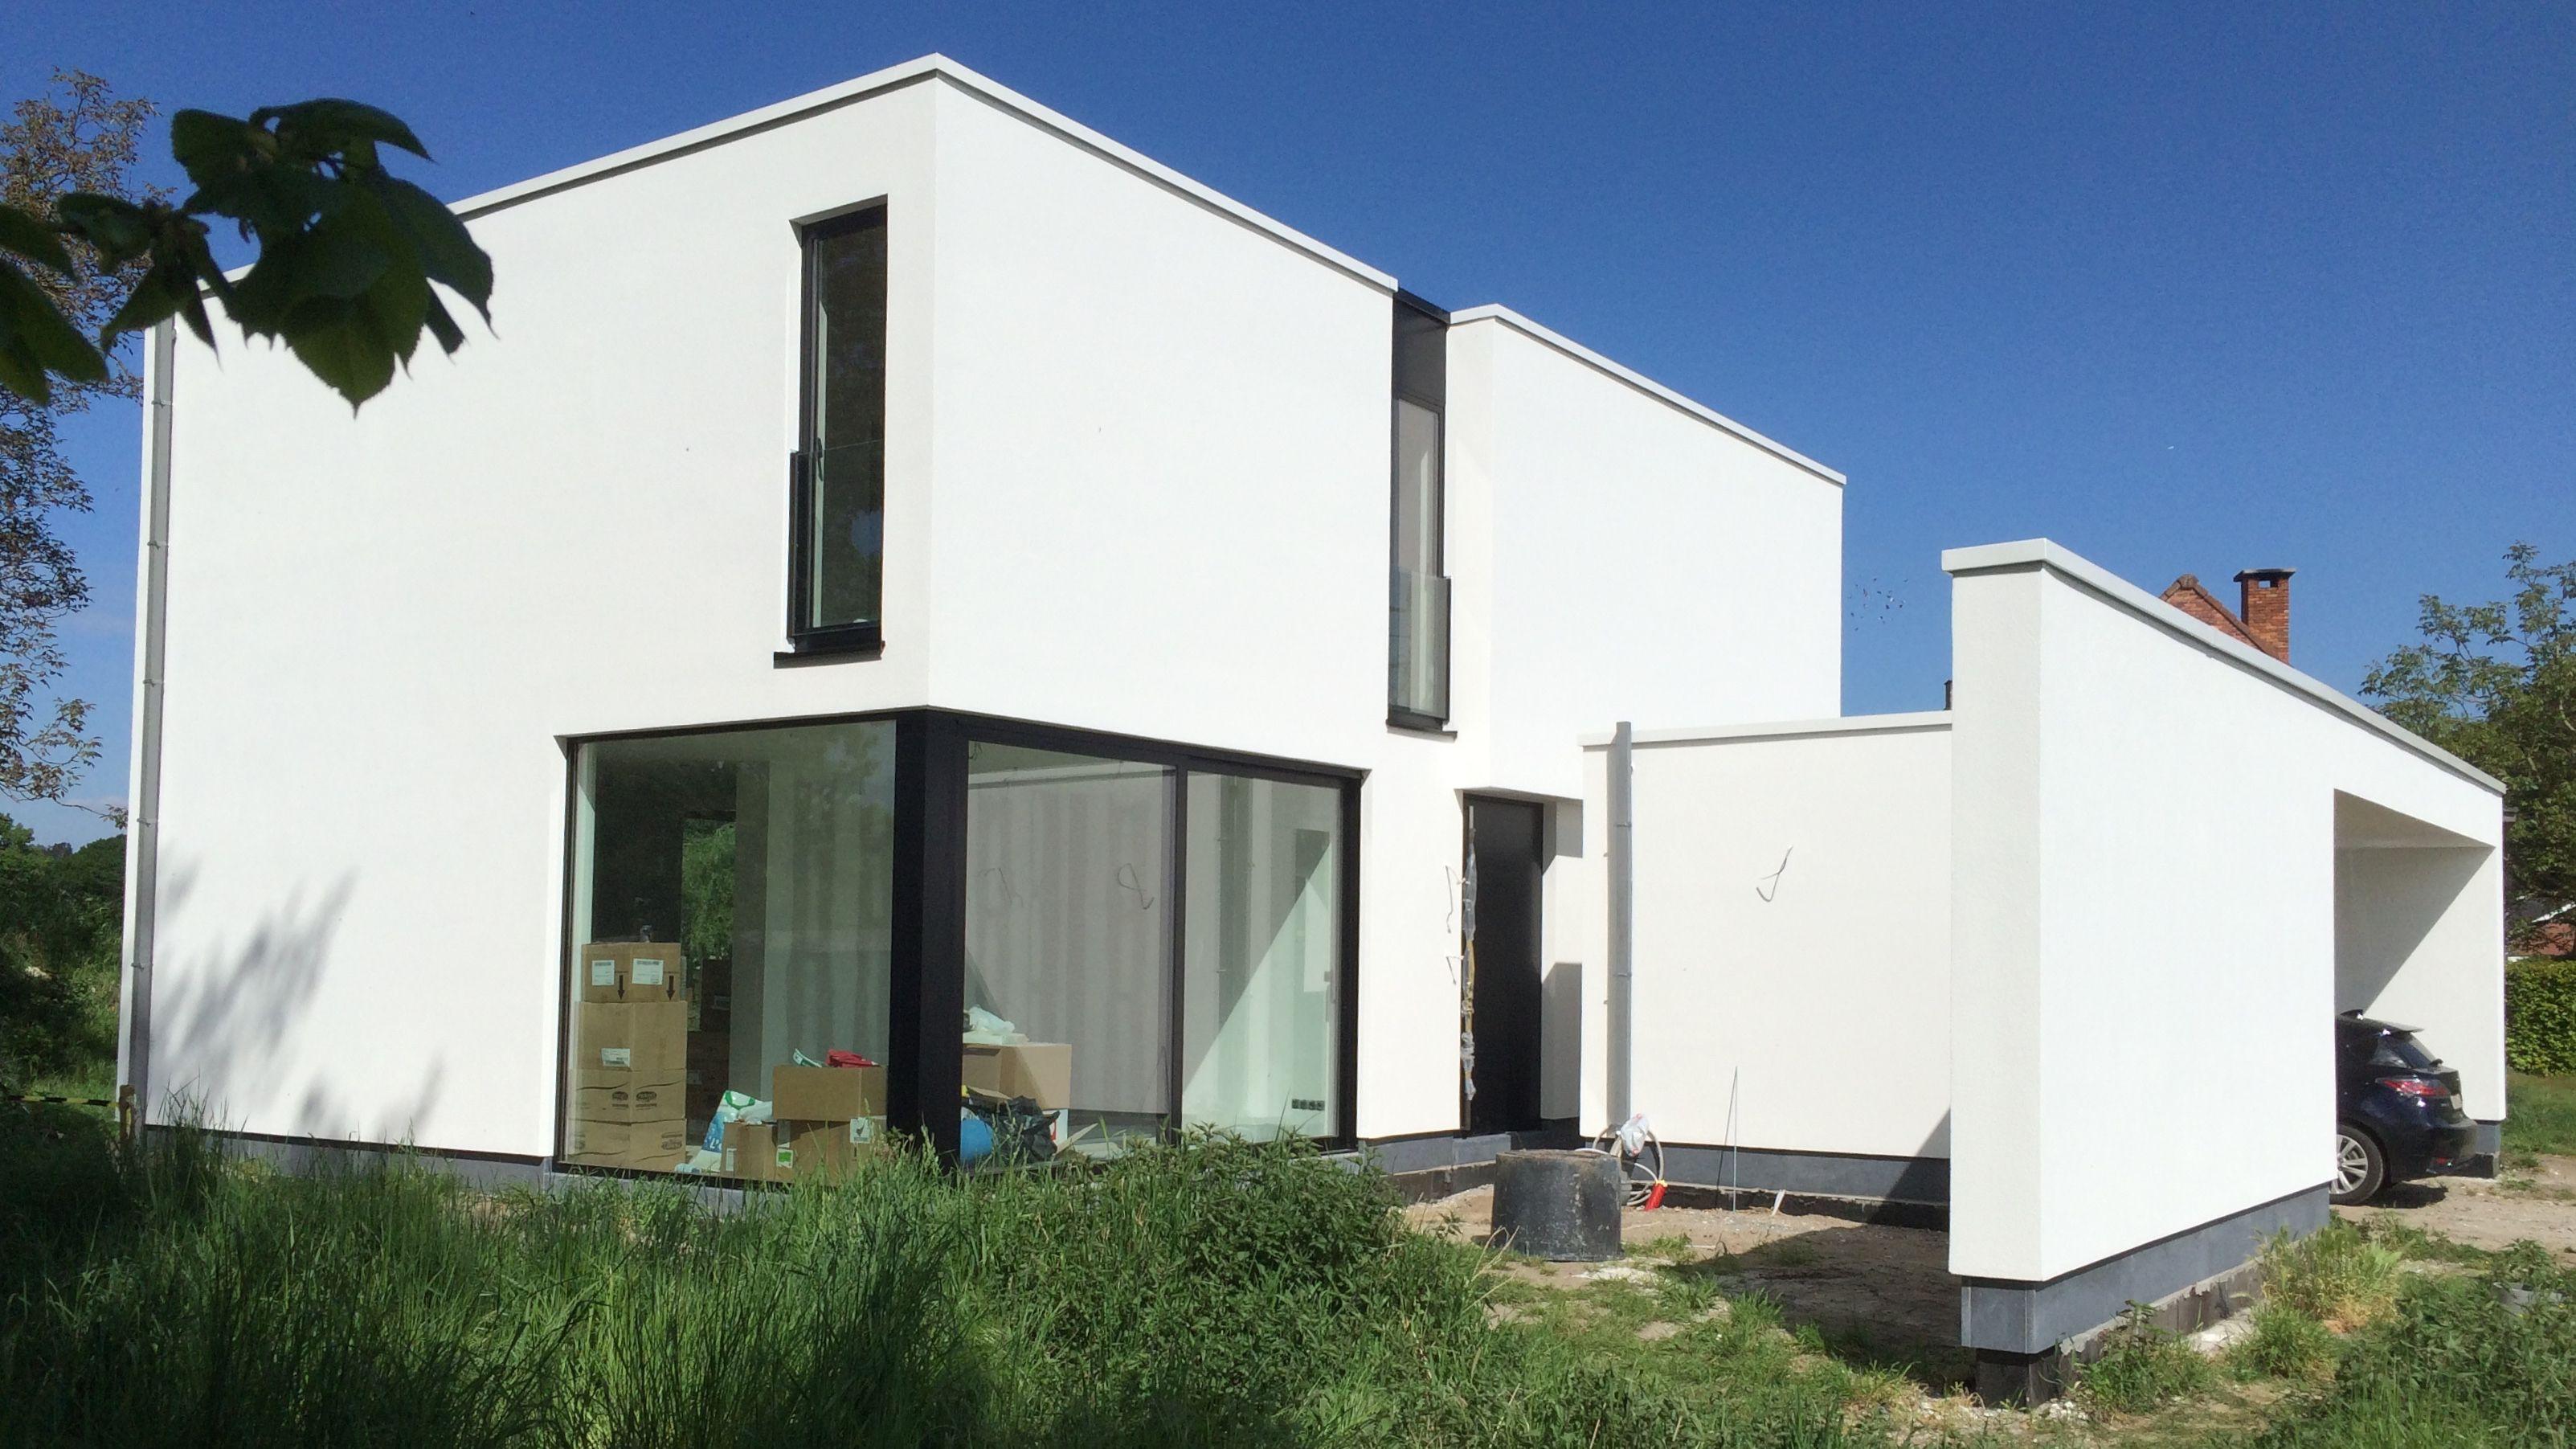 Niko wauters moderne minimalistische woning met laag energieverbruik modern minimalistic low - Minimalistische mobel ...